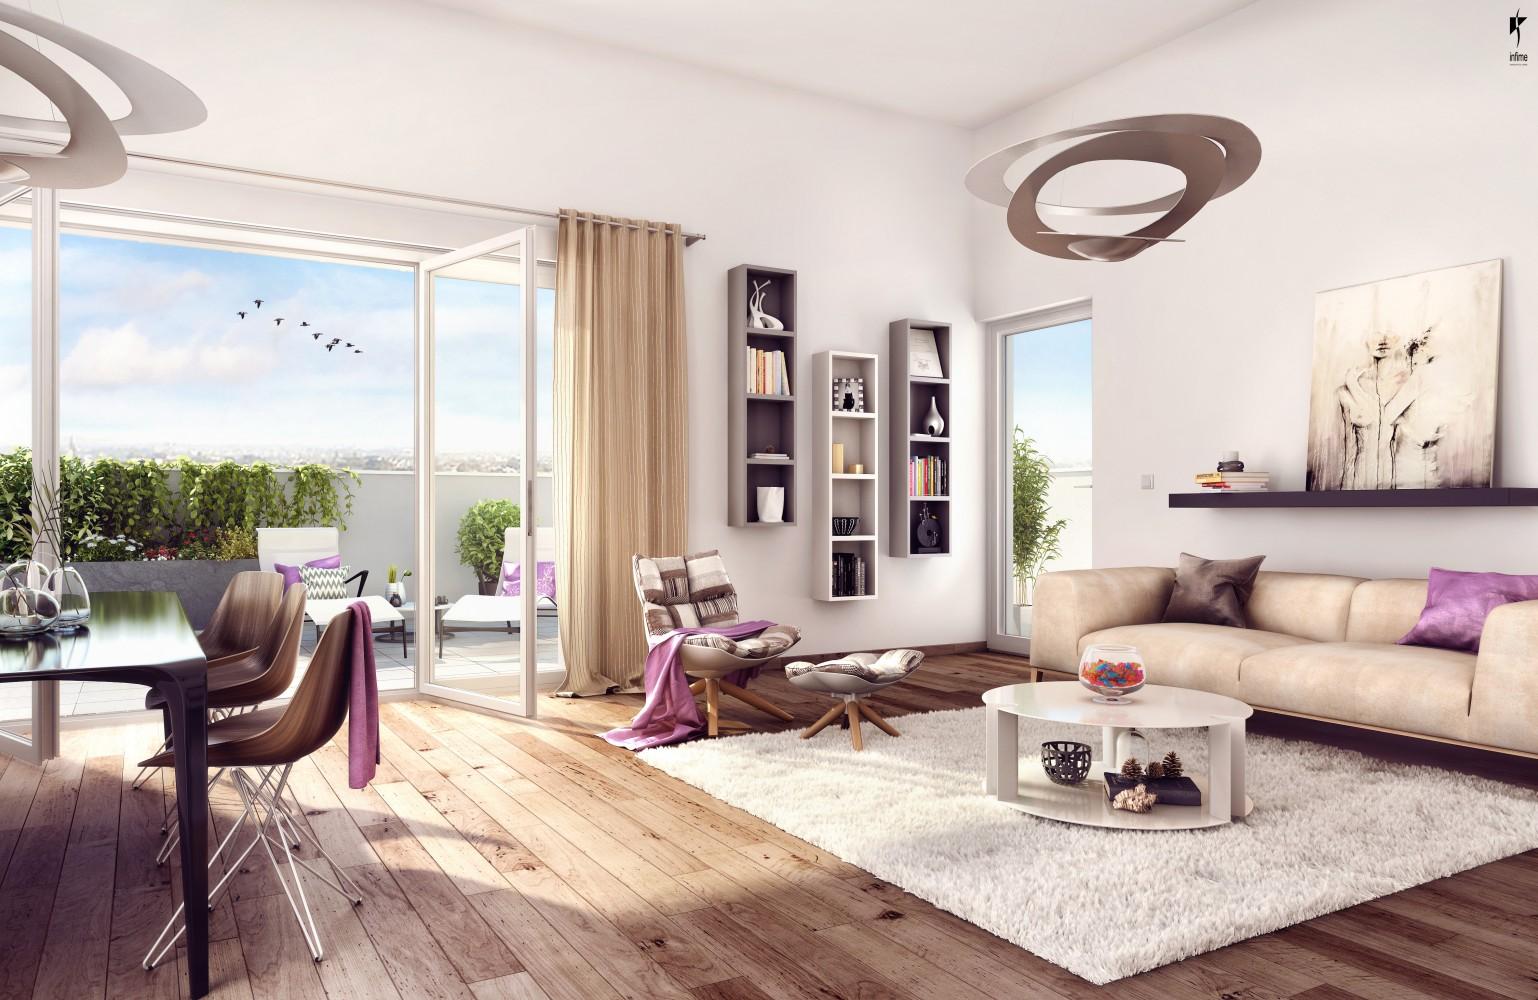 Programme immobilier Lyon 9ème (69009) SAINT RAMBERT Découvrez nos programmes loi Pinel